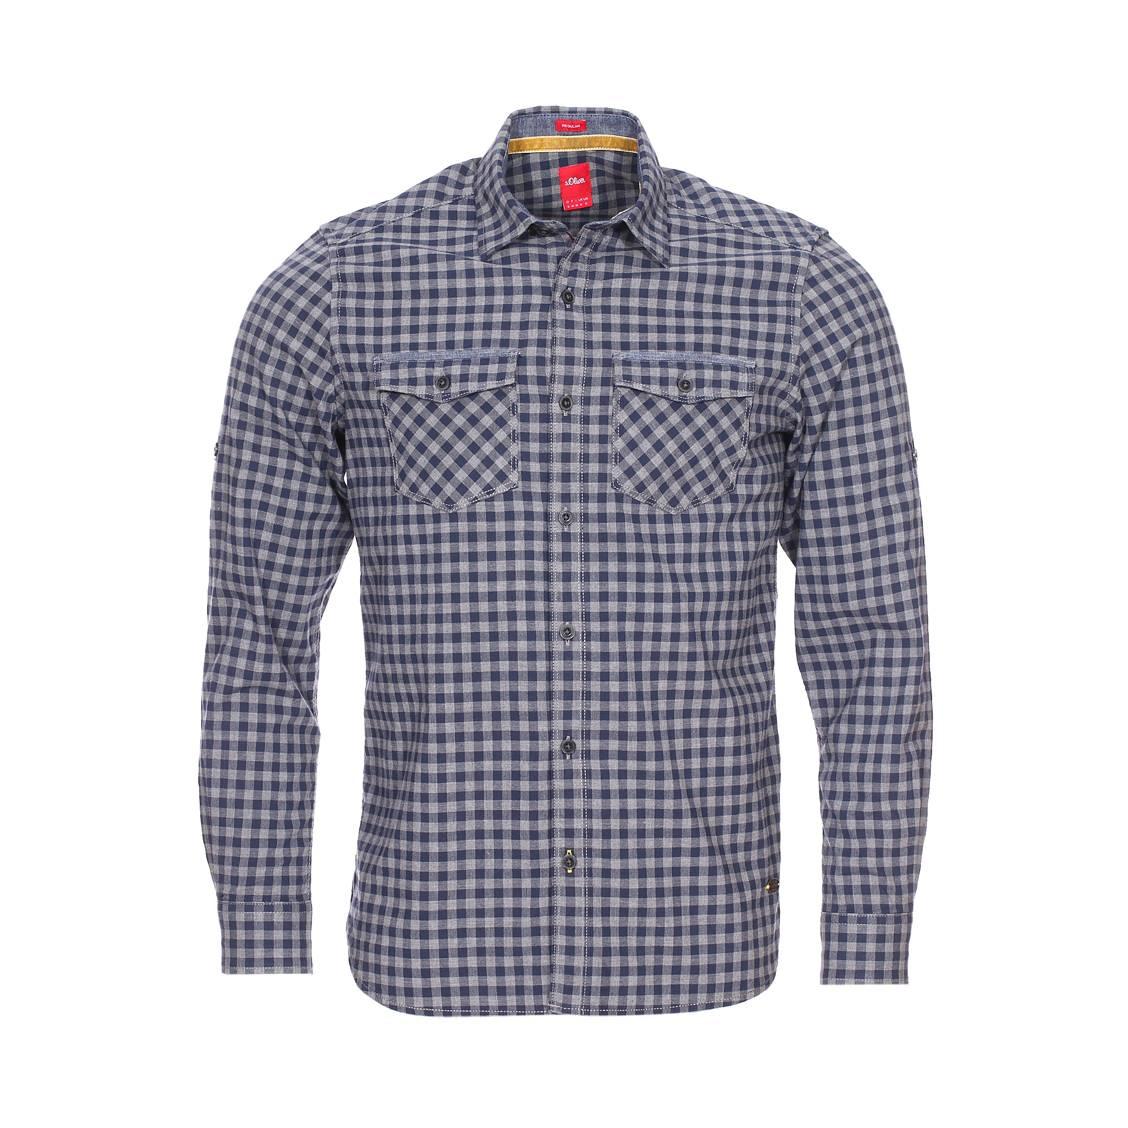 Chemise droite  en coton à carreaux bleu marine et gris